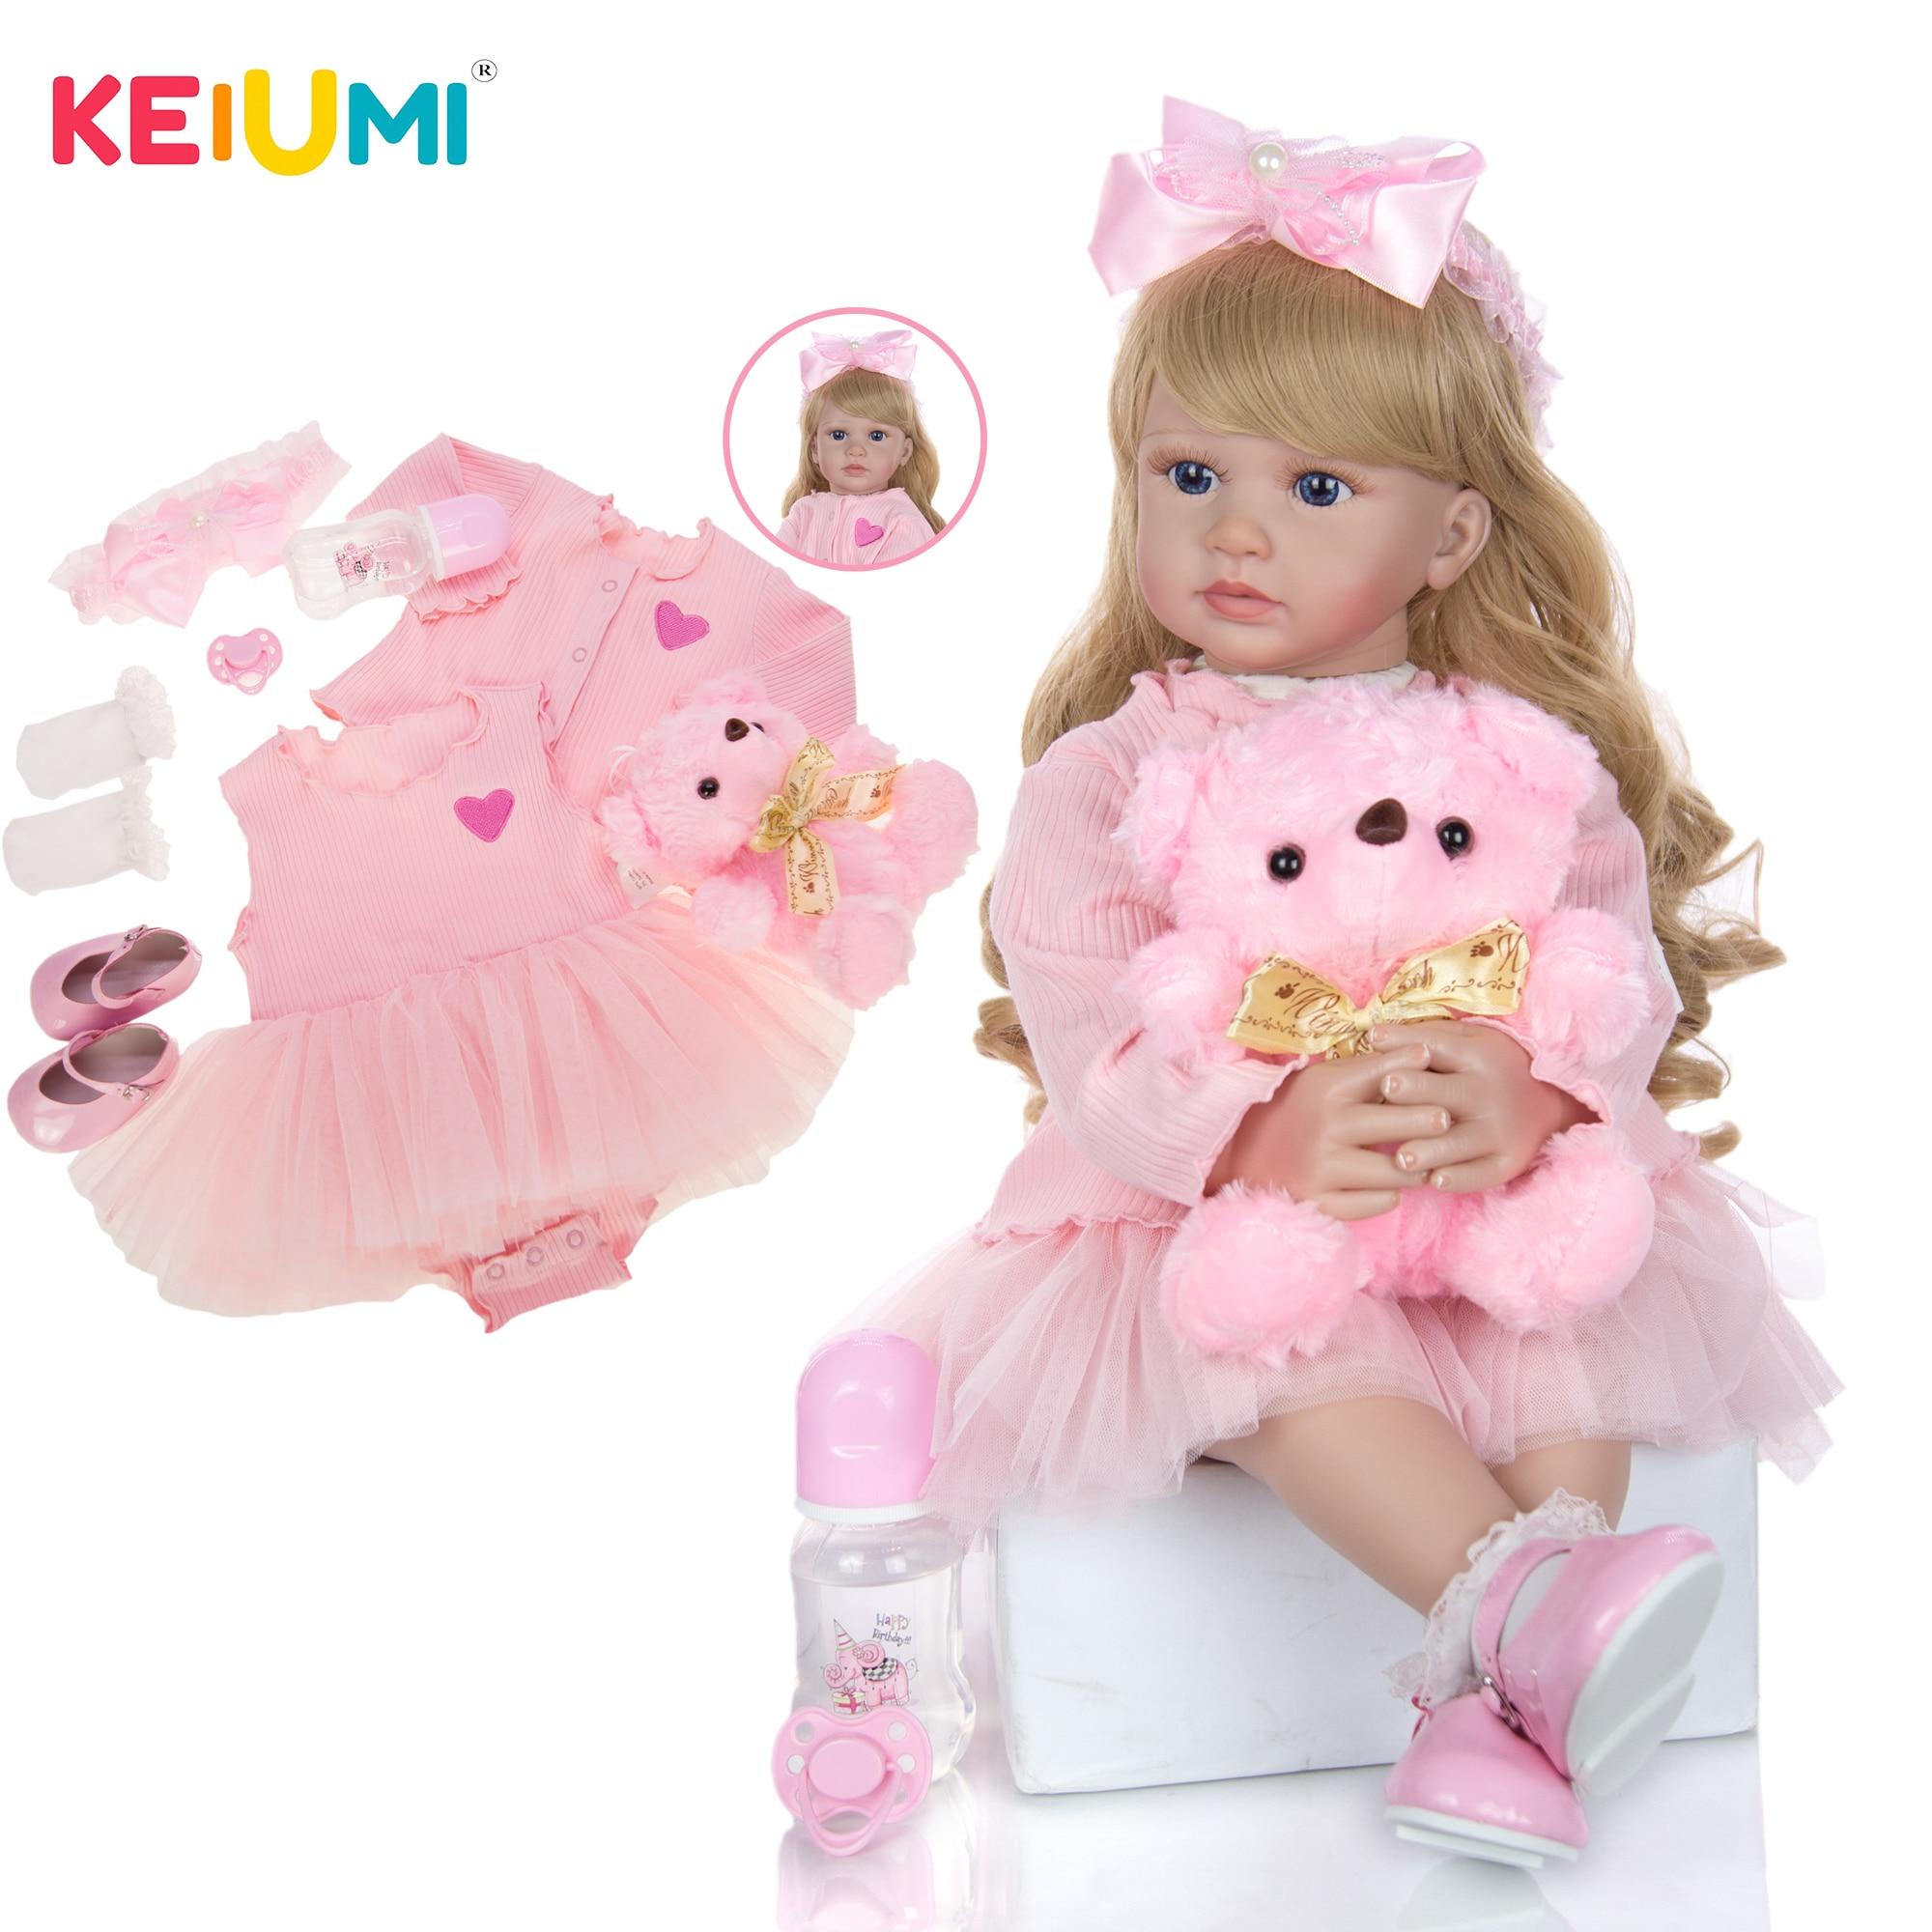 Keiumi novo design venda quente bebê reborn menina boneca 24 Polegada pano de silicone macio corpo realista bonecas reborn bebês bonecas meninas